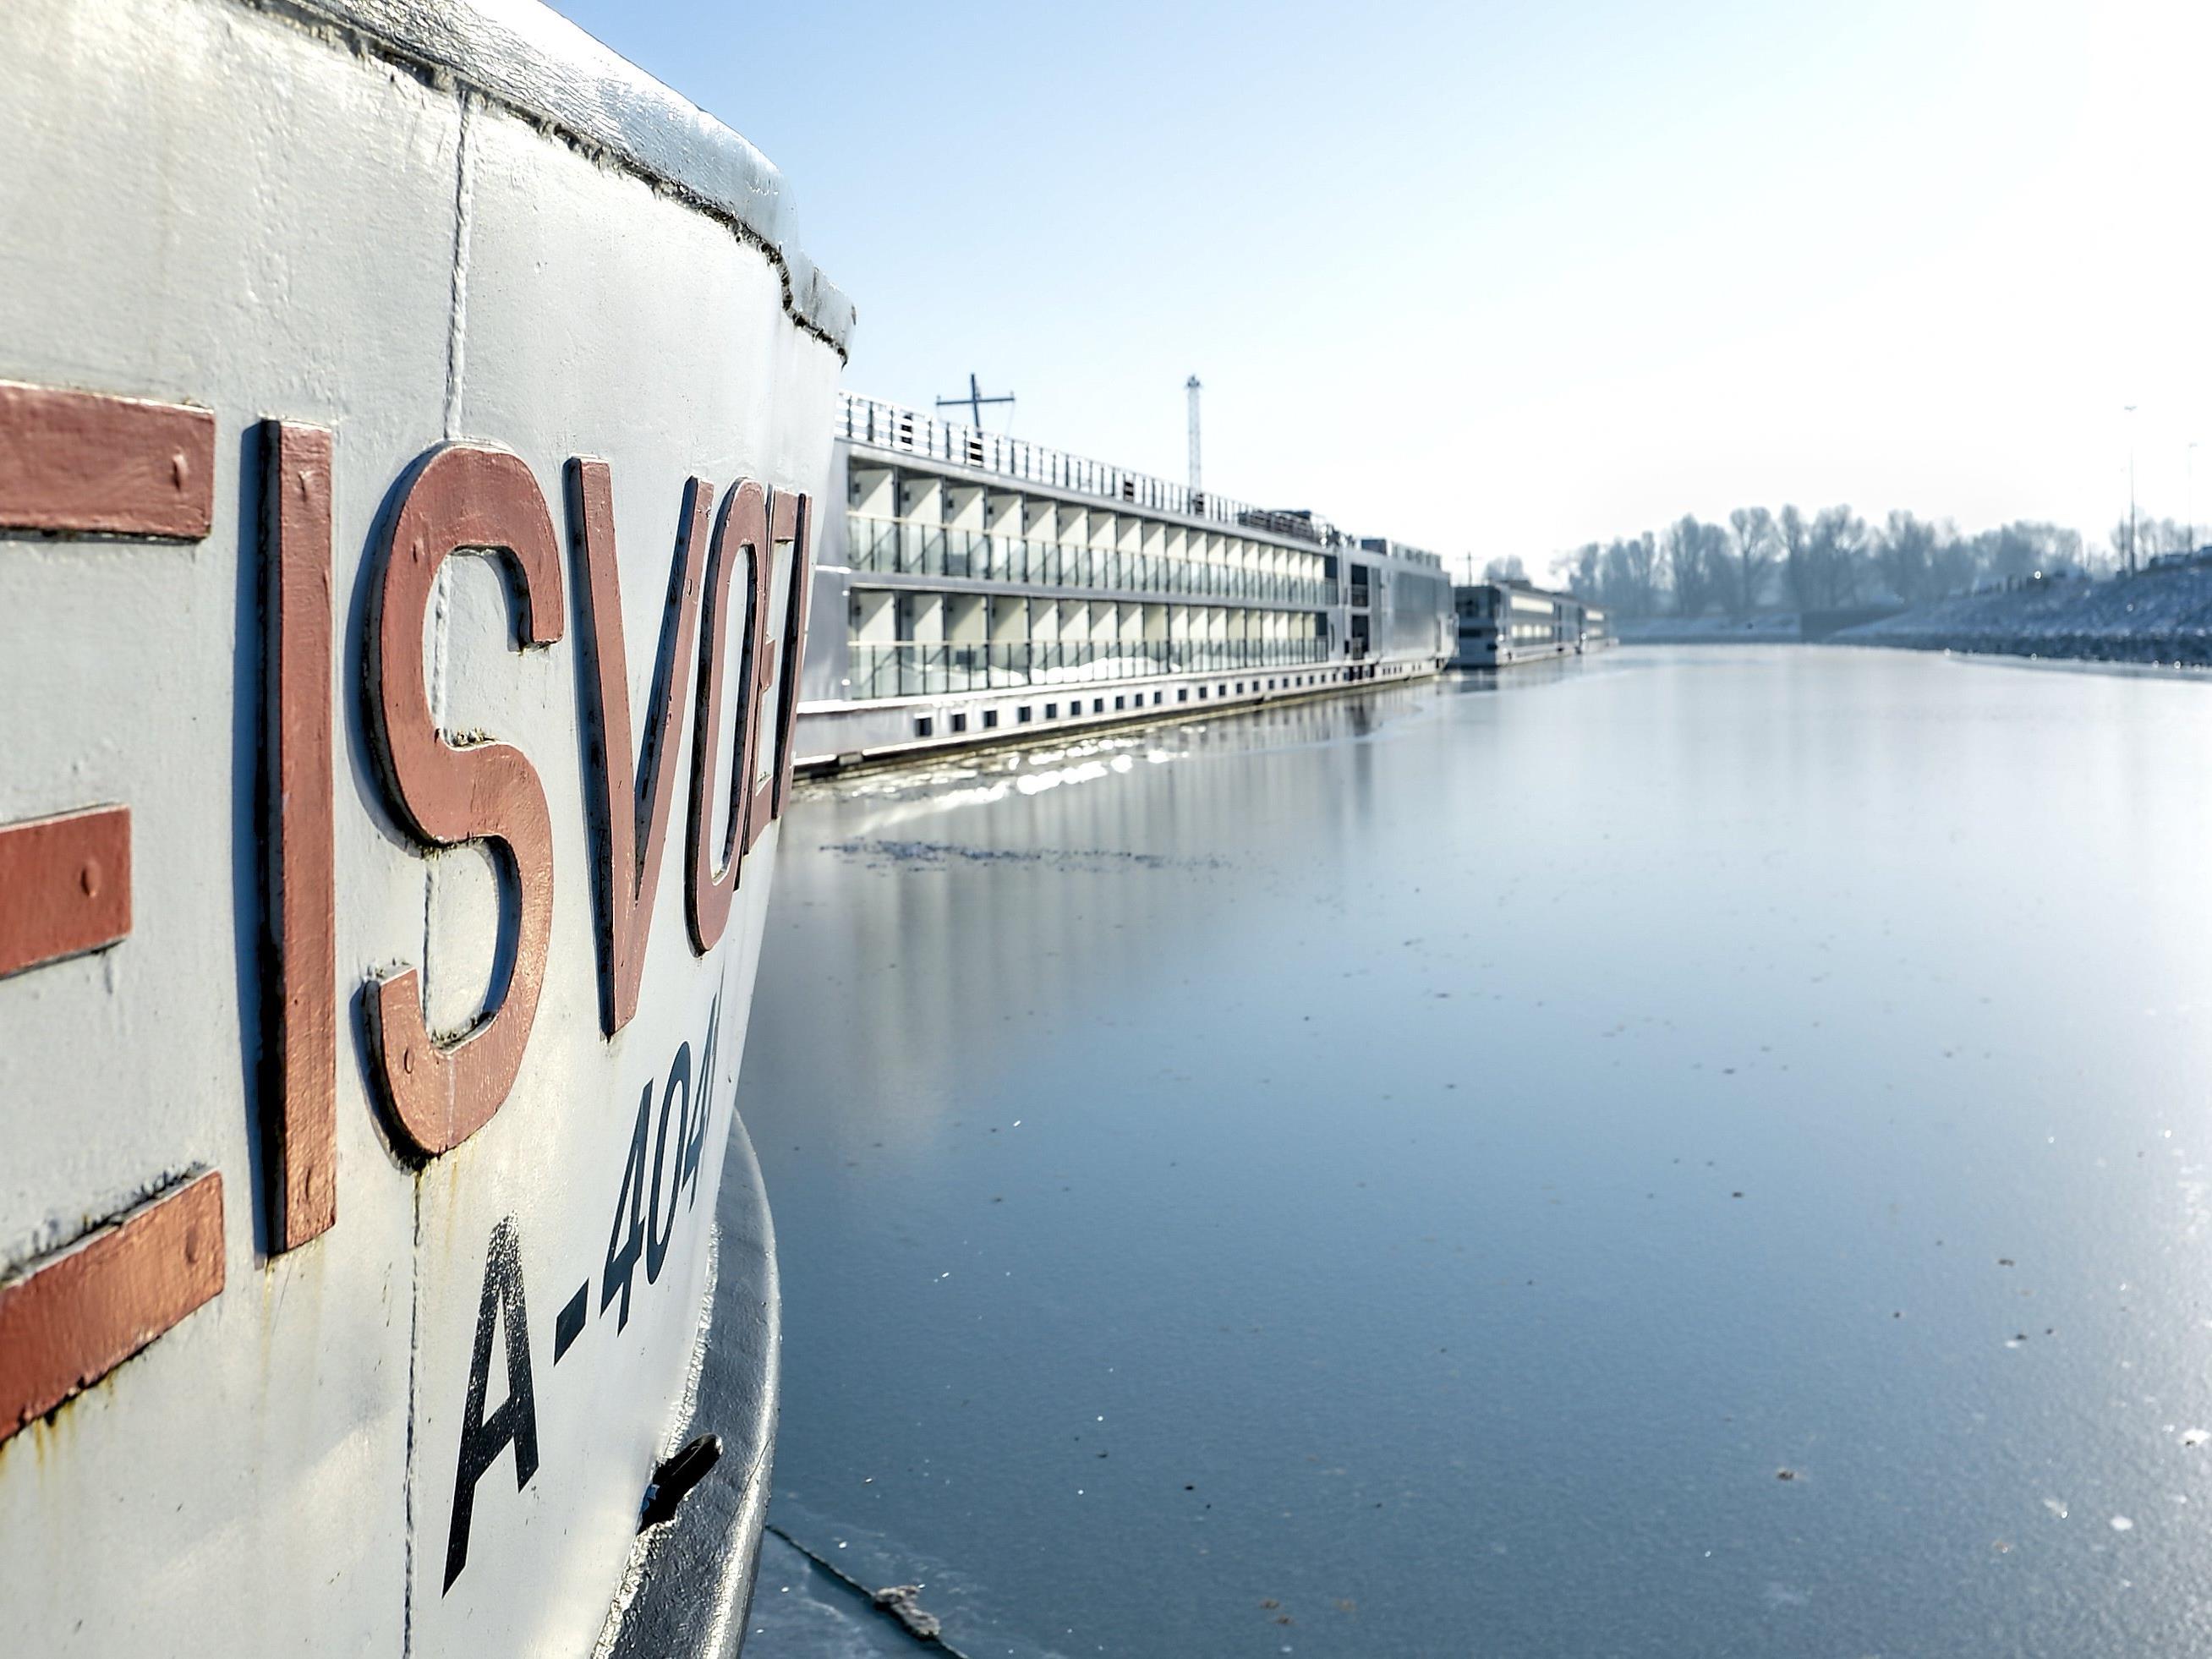 Am Wiener Hafen wird an Land autonomes Fahren getestet.